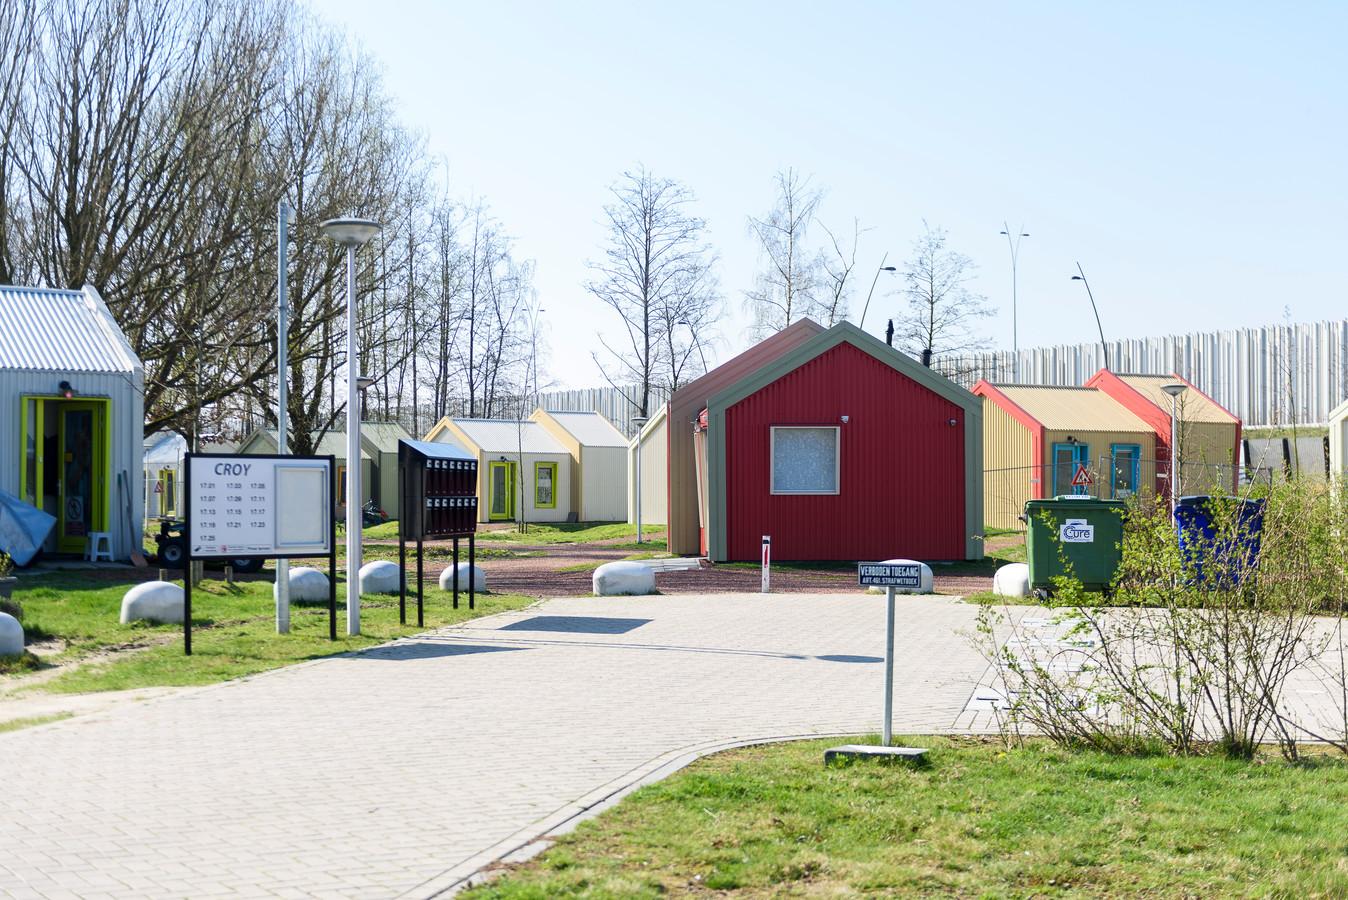 De Skaeve Huse, aan de rand van de wijk Genderbeemd in Eindhoven.